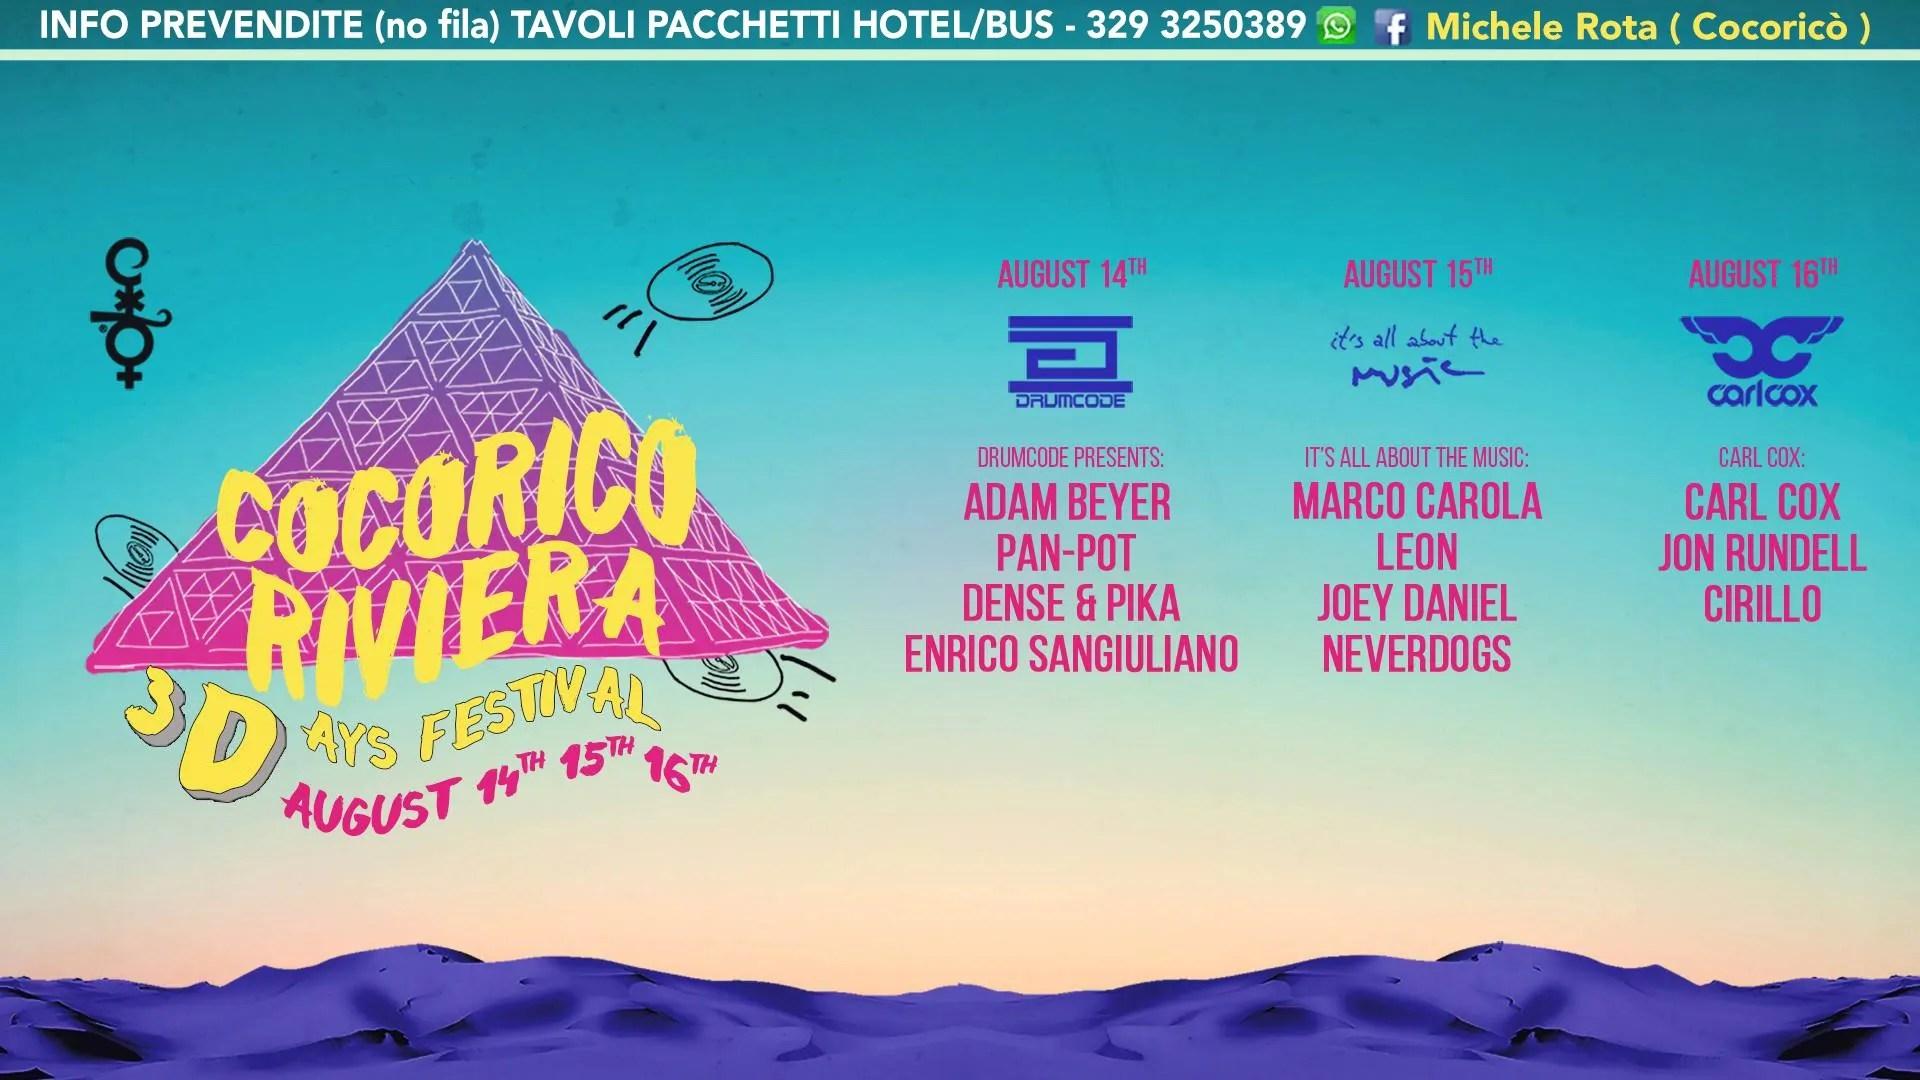 CARL COX AT COCORICO RICCIONE – MERCOLEDì 16 AGOSTO 2017 3DAYS FESTIVAL – TICKET – PREVENDITE – BIGLIETTI – TAVOLI – PACCHETTI HOTEL + INGRESSO – PREZZI